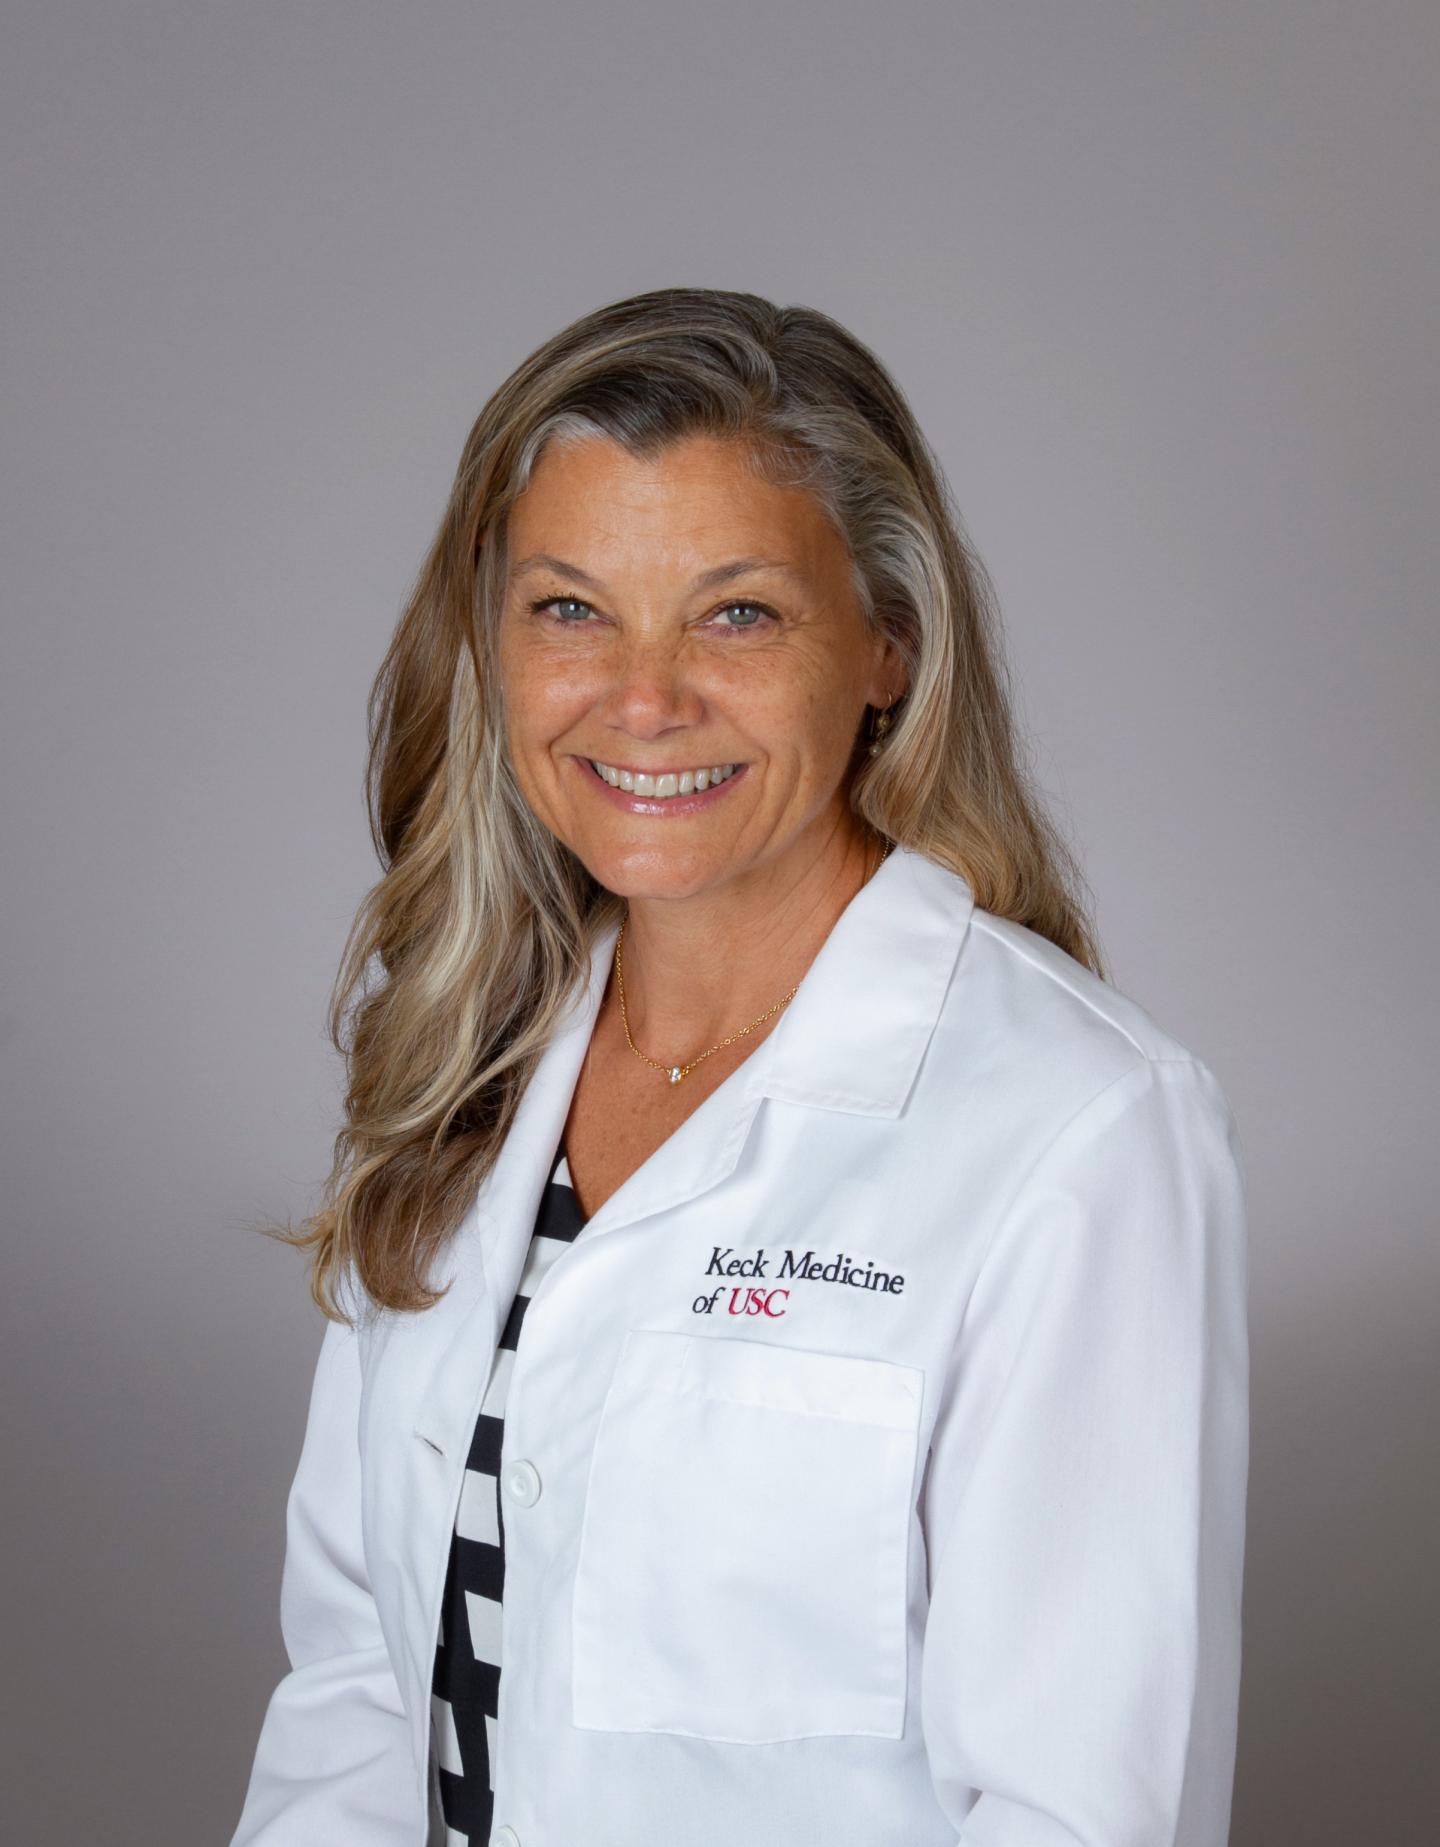 Christianne Heck, Keck Medicine of USC